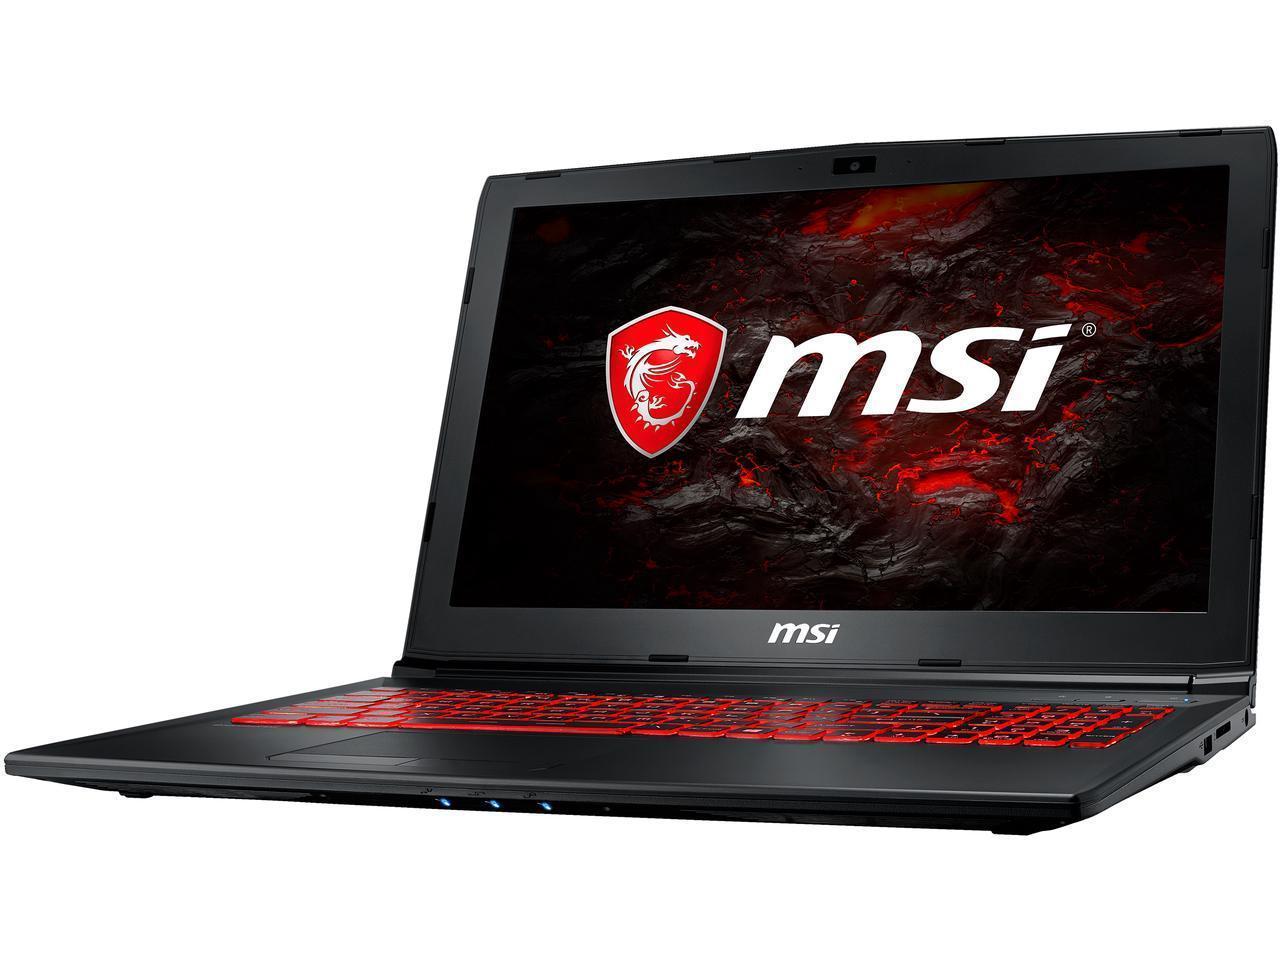 Latest Msi Laptops Products Enjoy Huge Discounts Lazada Sg Ge63 Rgb I7 8750h 16gb 256gb 1tb Gtx1070 W10 156 Fhd Gl62mvr 7rfx 1213sg Intel 8gb Ram Hdd 128gb